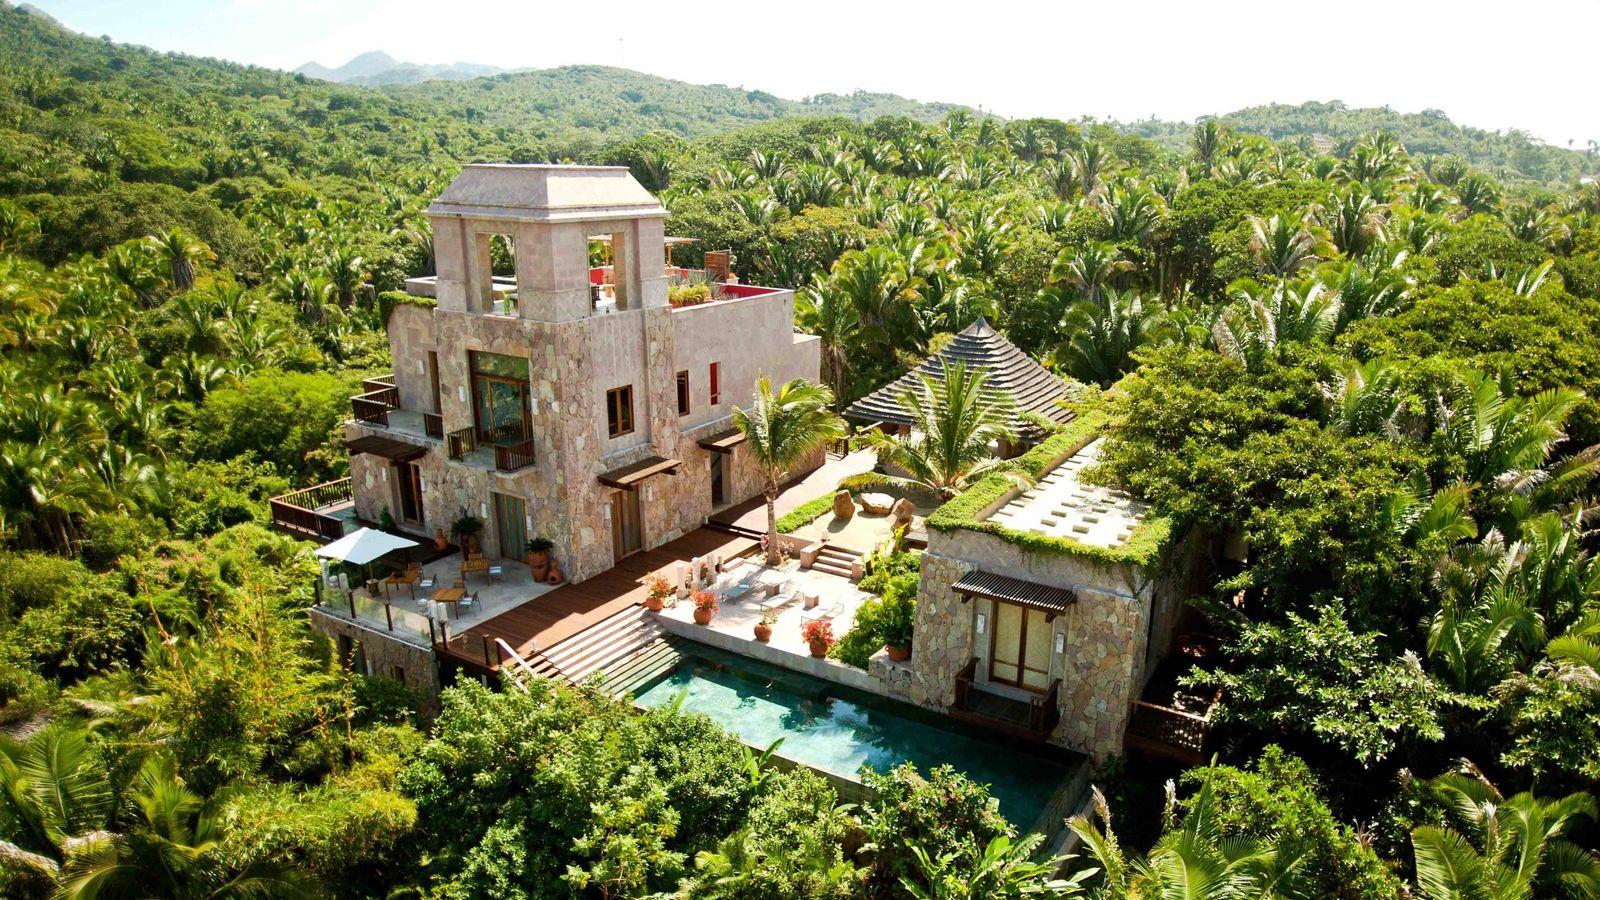 De madrid a riviera nayarit cinco hoteles maravillosos for Hoteles vanguardistas en madrid